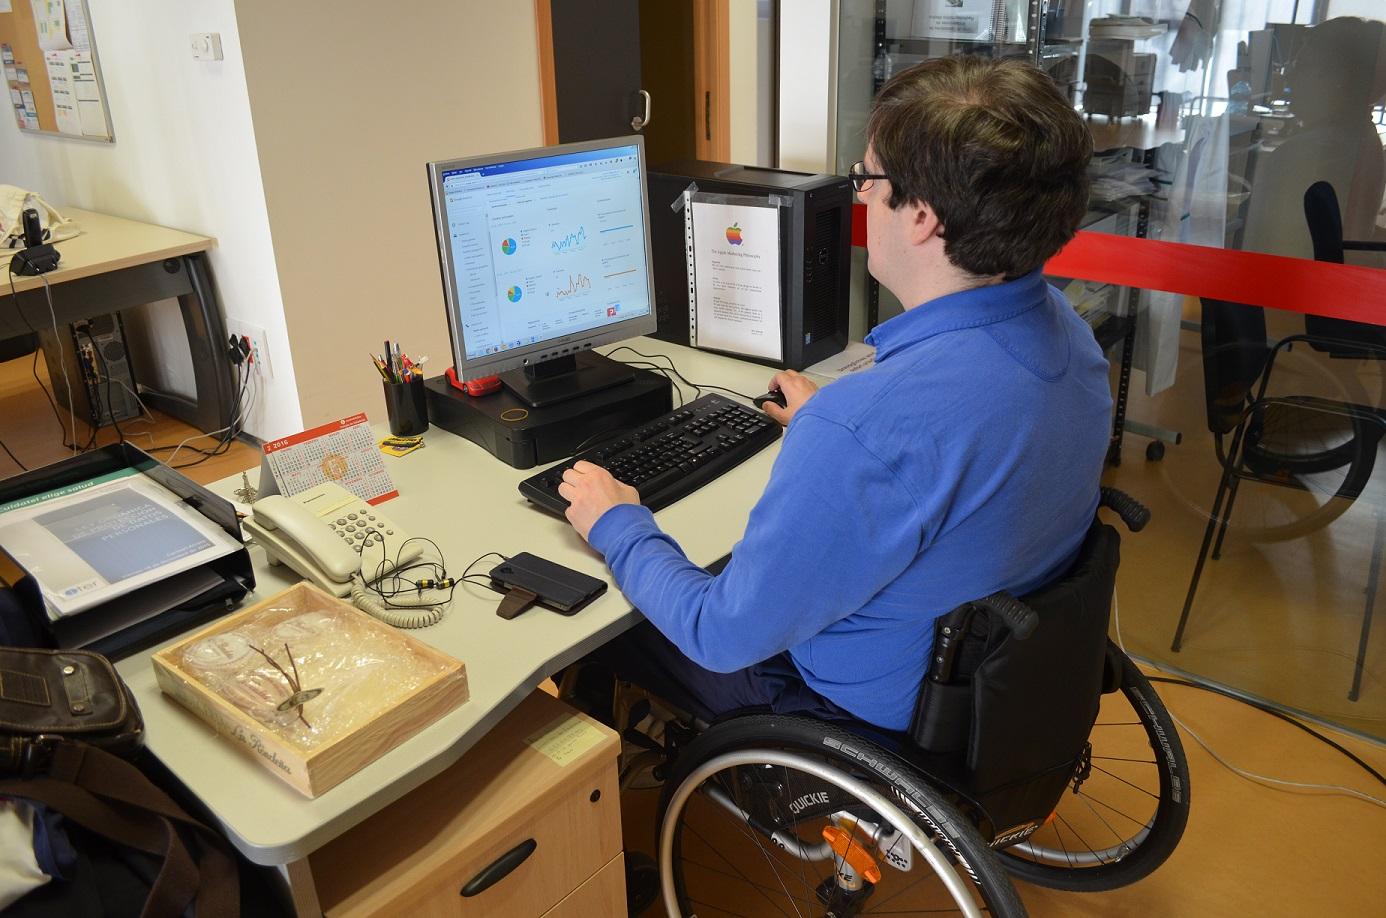 fotografía de una persona con discapacidad trabajando en una empresa